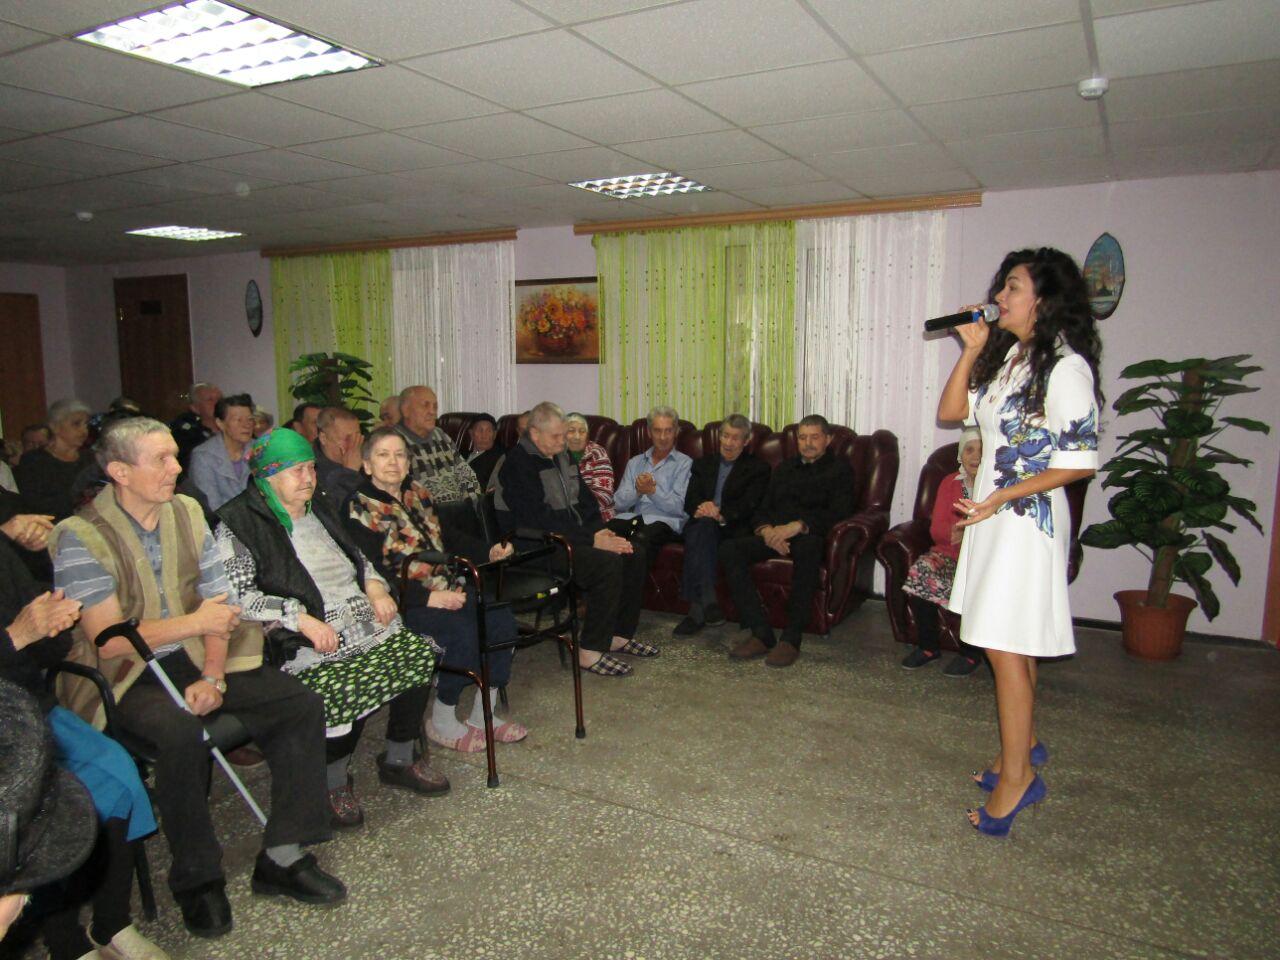 Пансионат для пожилых людей в пушкино